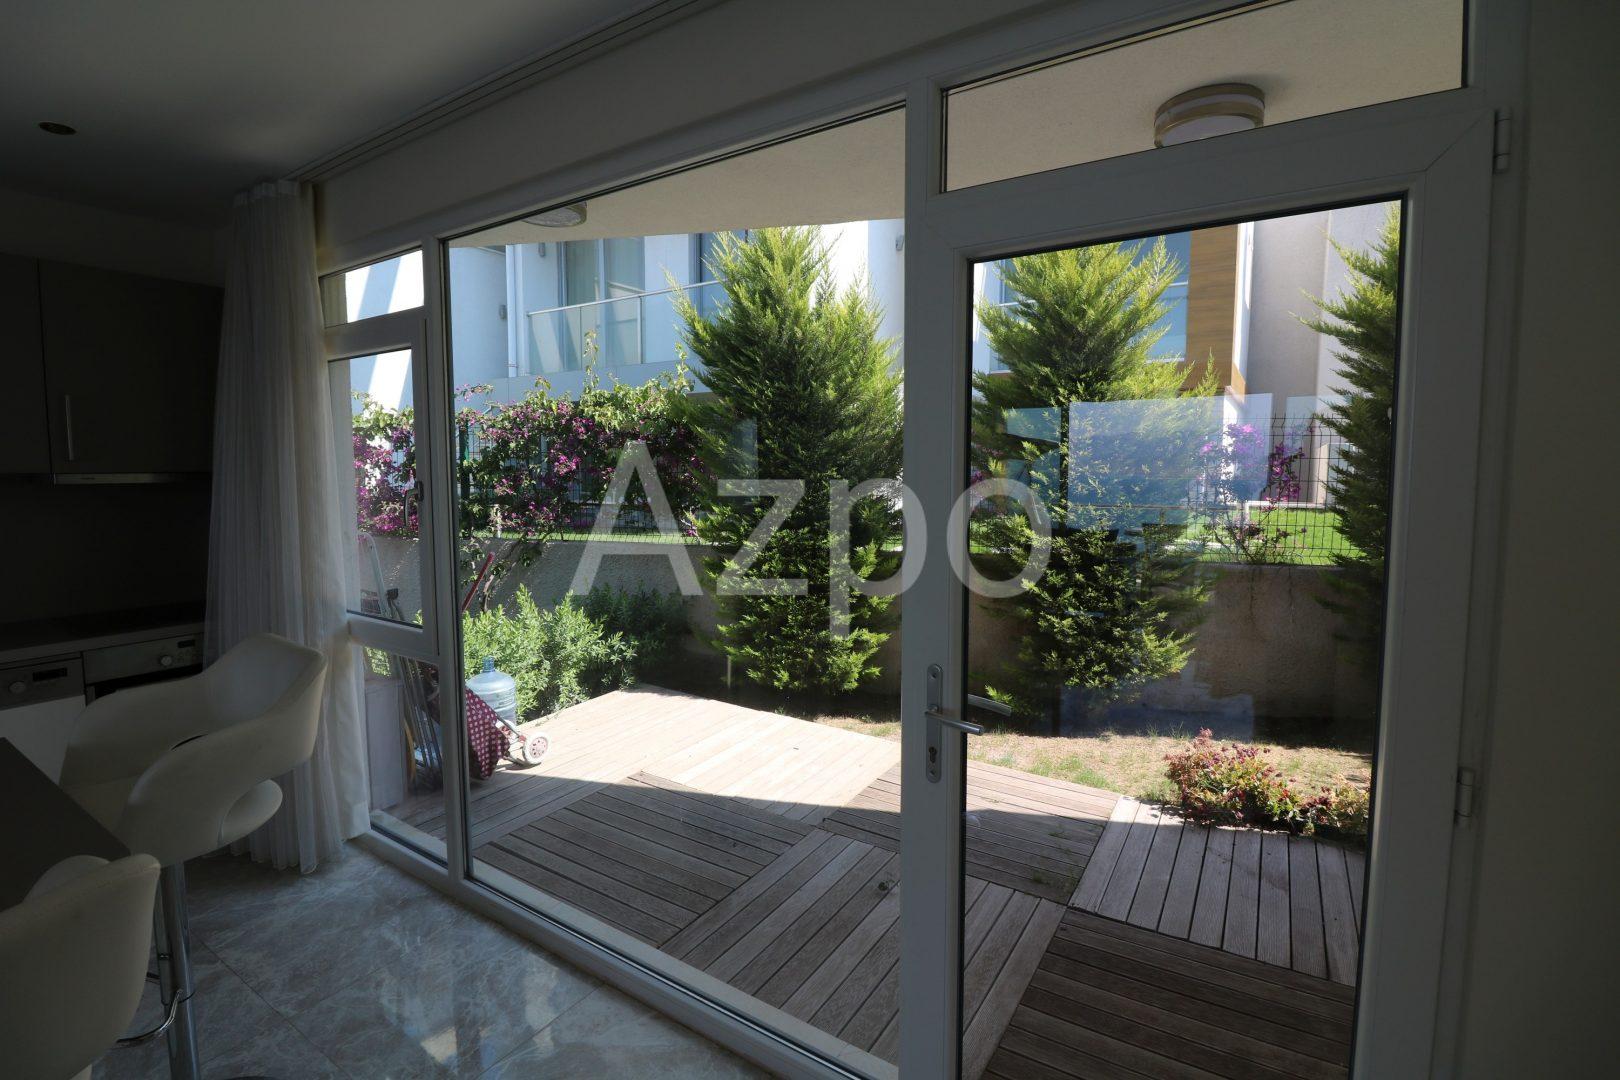 Квартира 2+1 в Бодруме с видом на морe - Фото 9